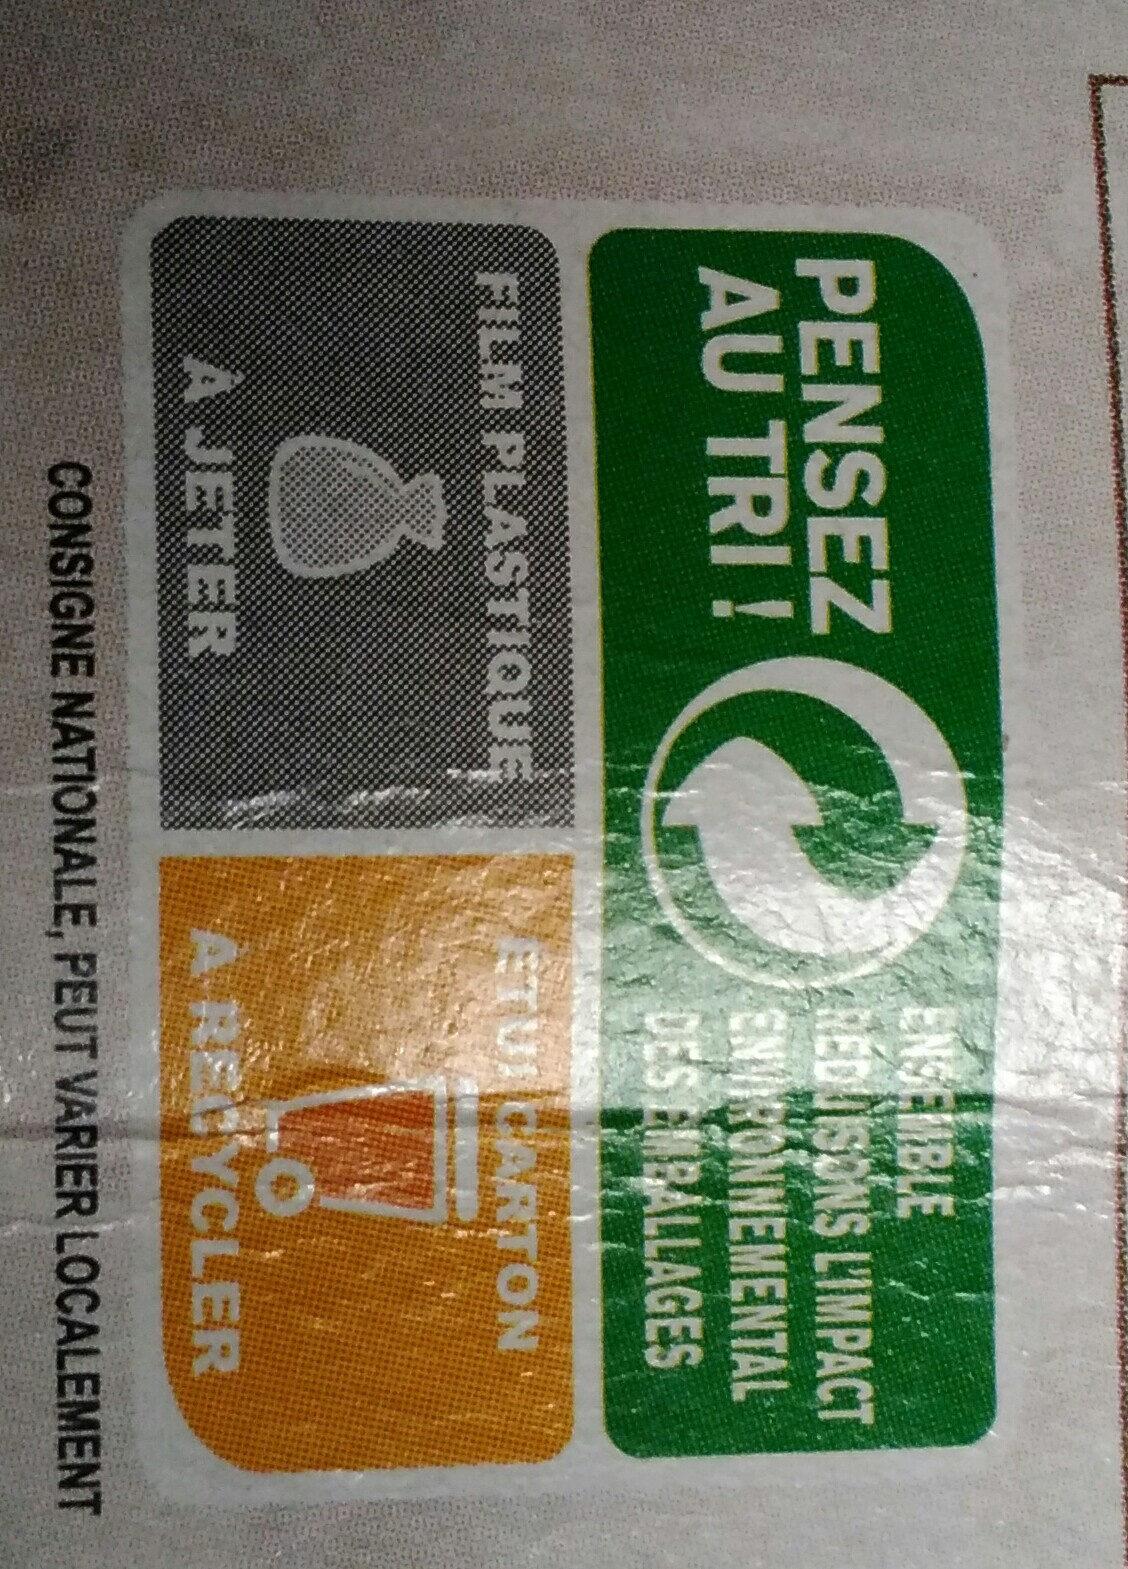 Suprêmes de tofu Fumés au bois de hêtre - Instruction de recyclage et/ou informations d'emballage - fr